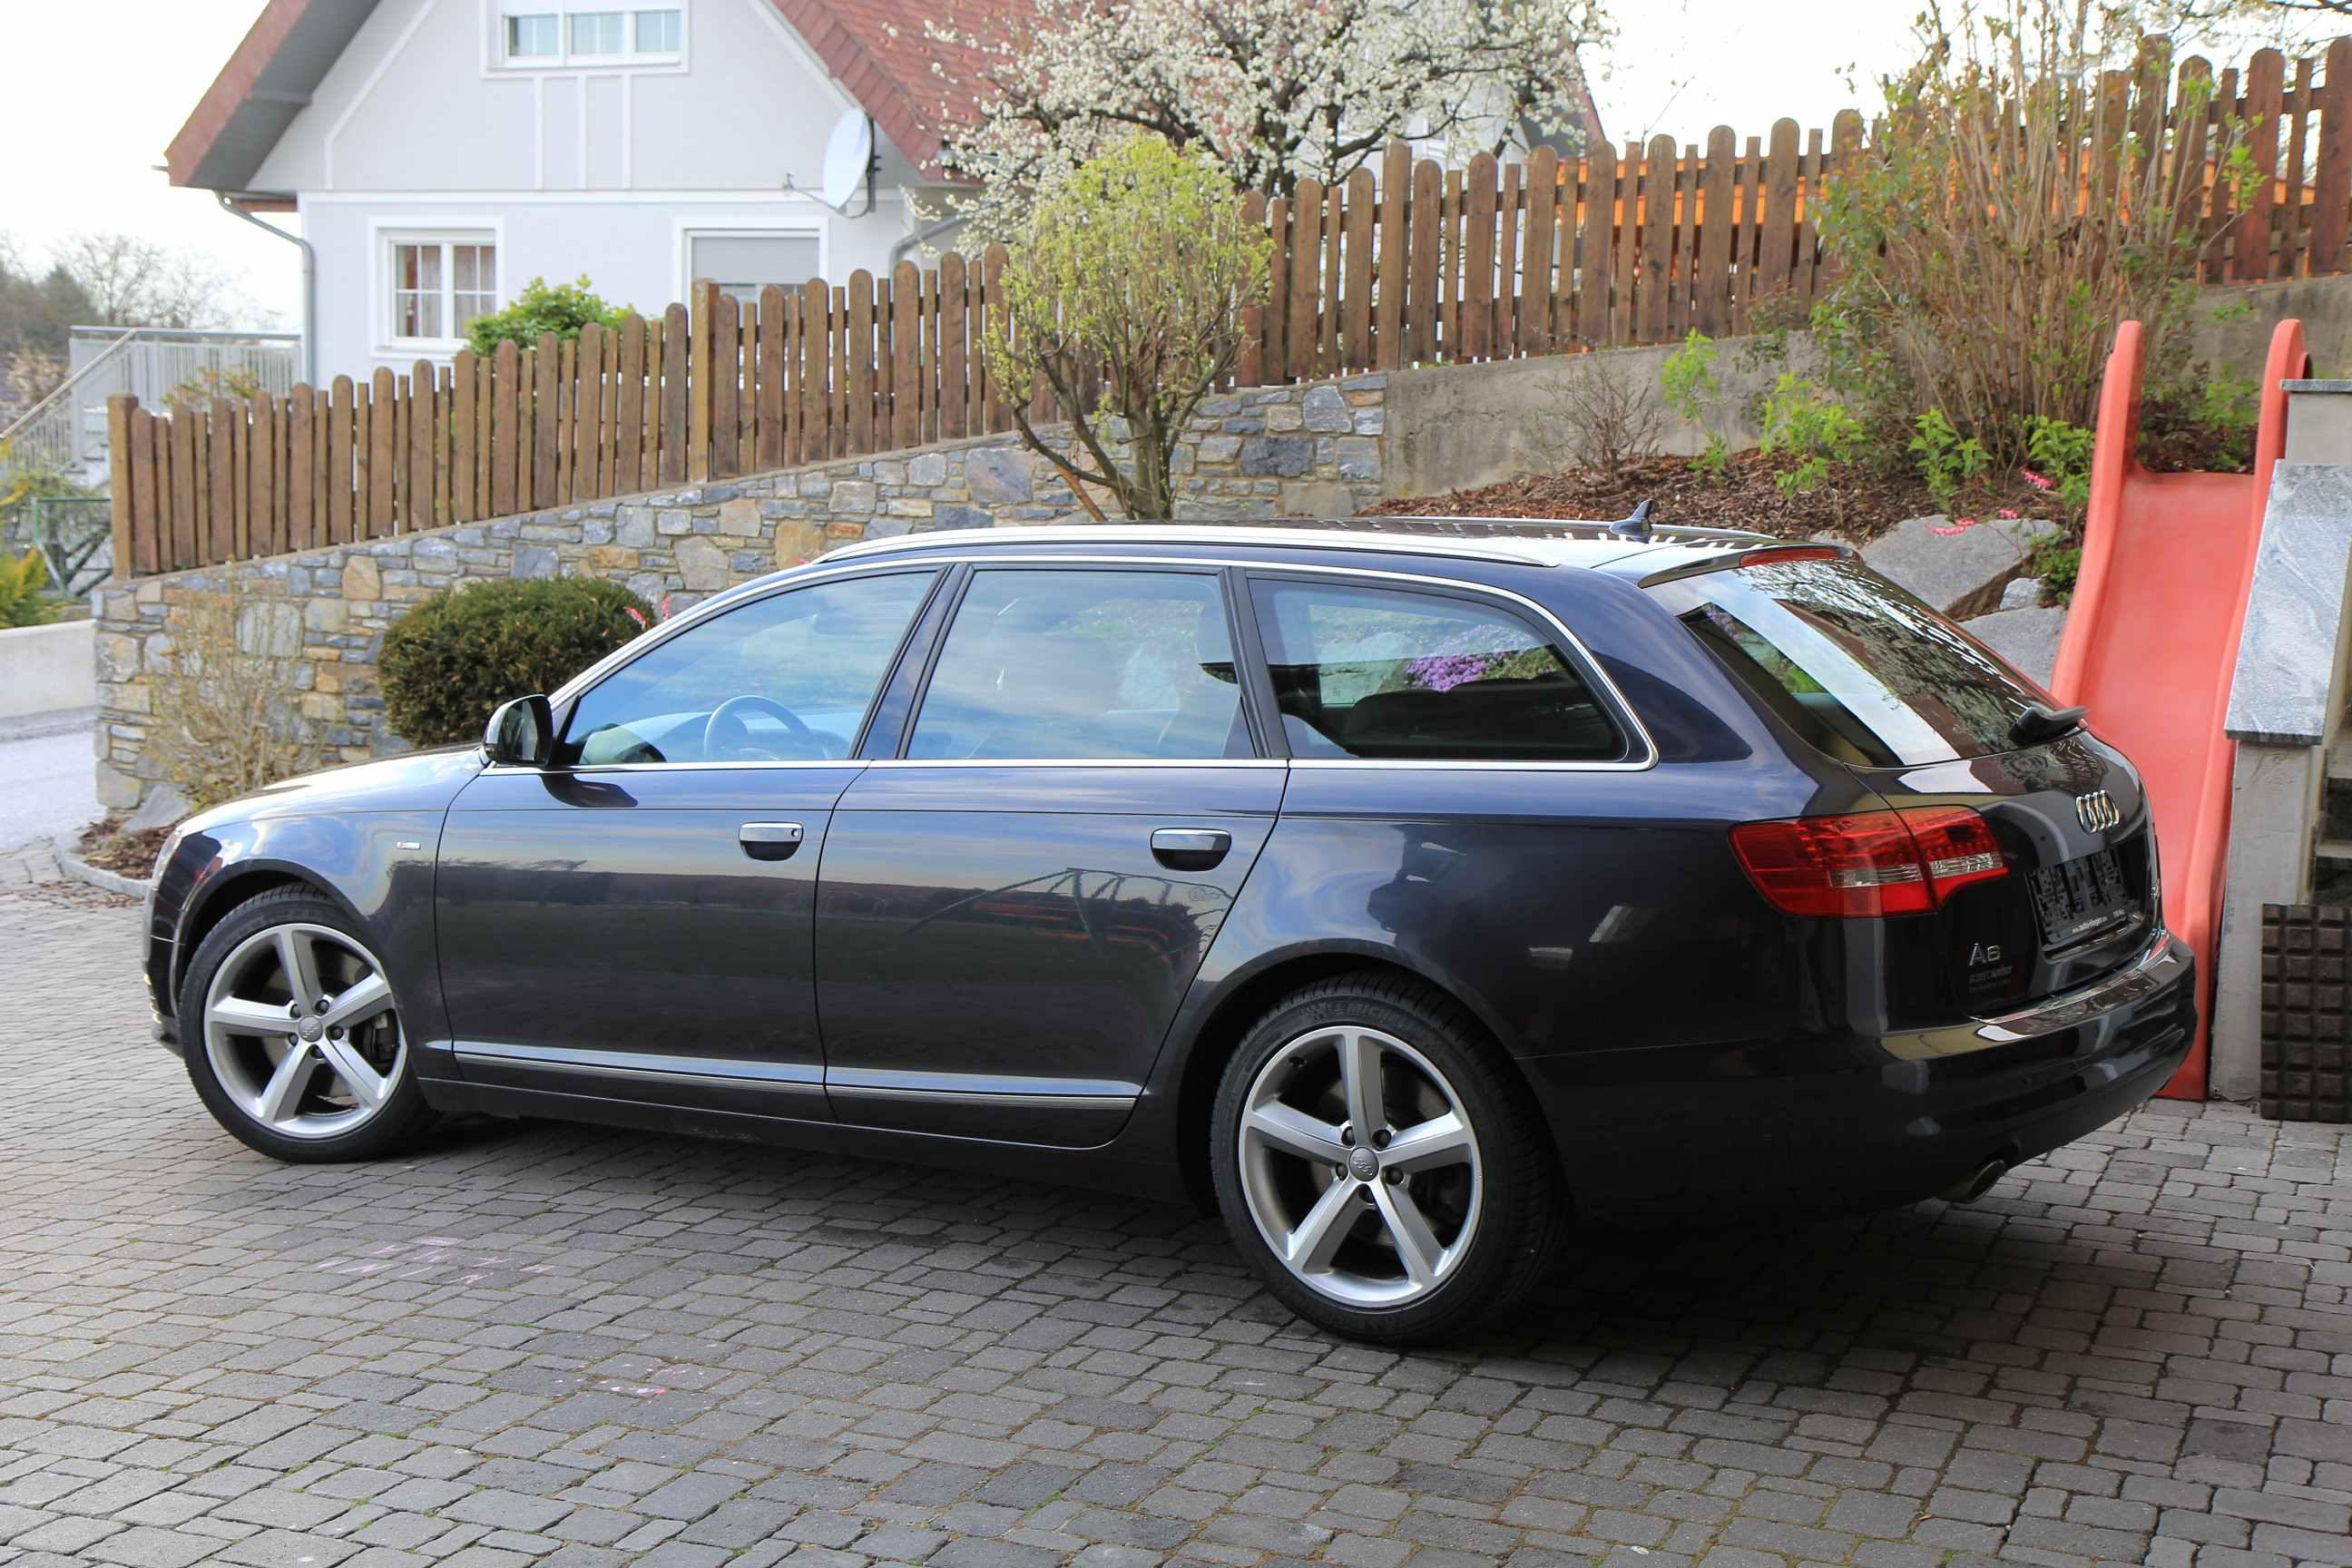 Kelebihan Audi A6 2.7 Tdi Spesifikasi